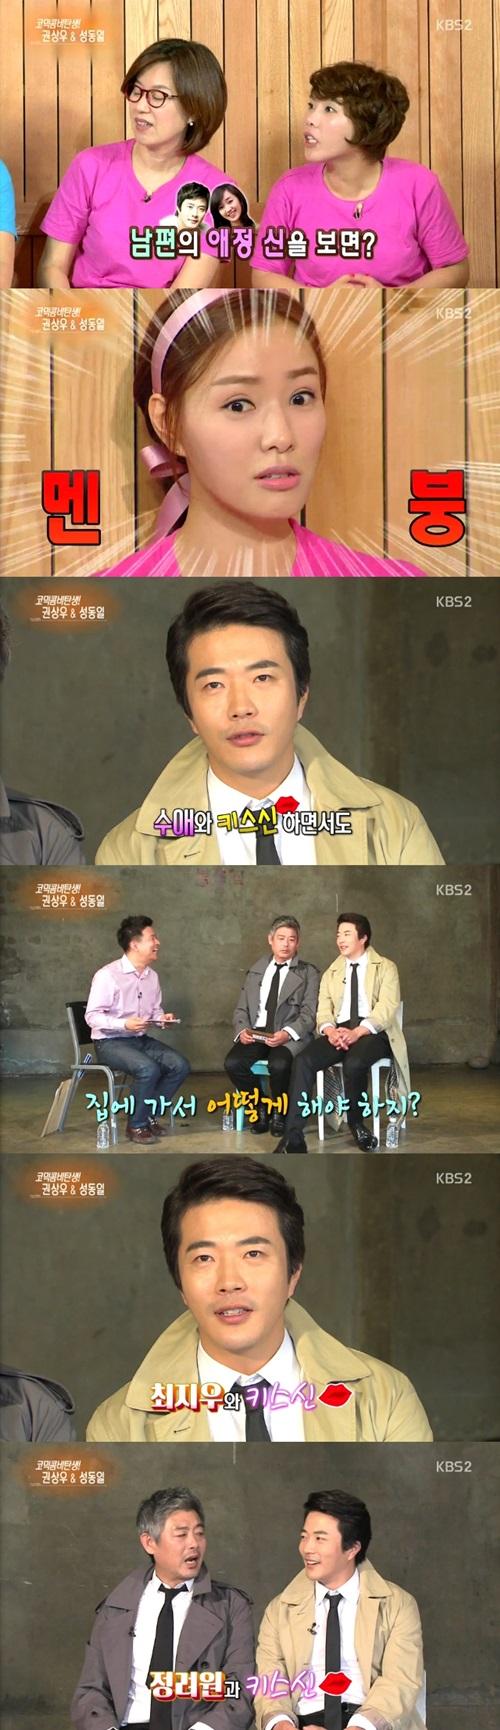 kwon sang woo entertainment weekly